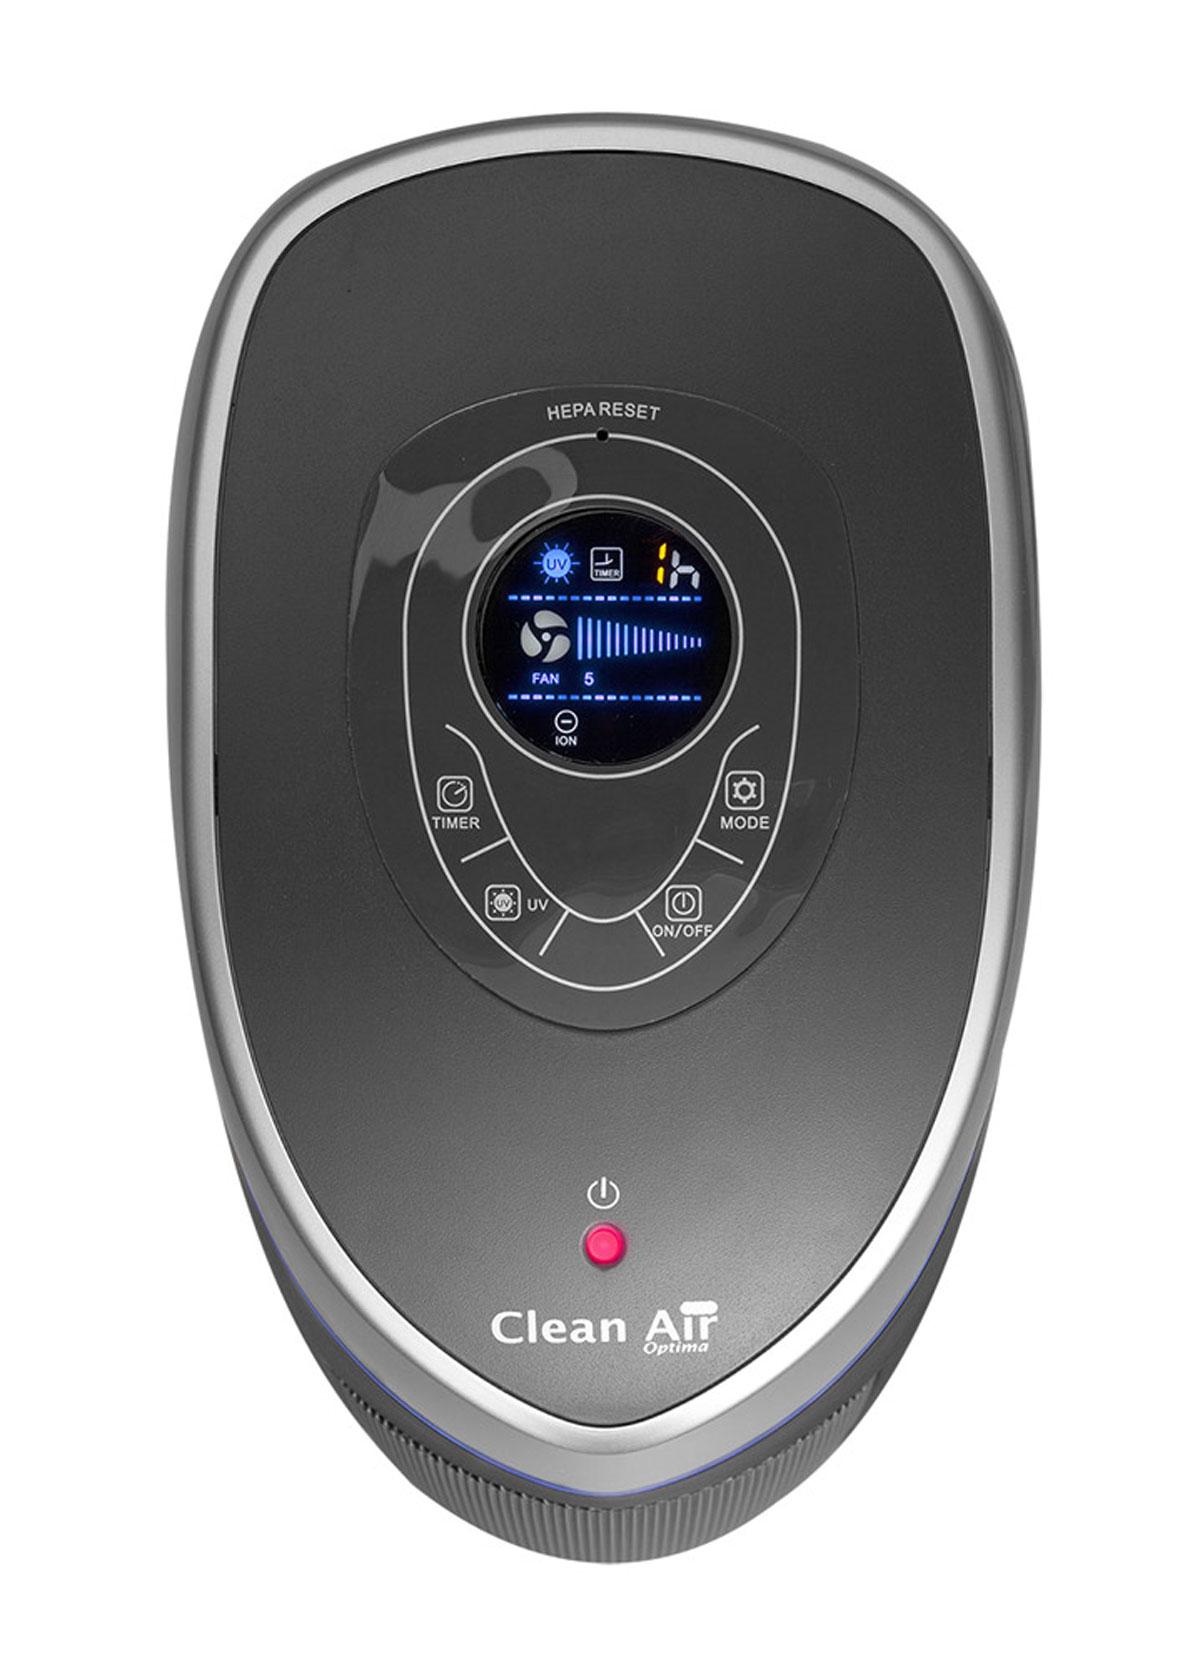 Panel de accionamiento del humidificador y purificador de aire CA-803